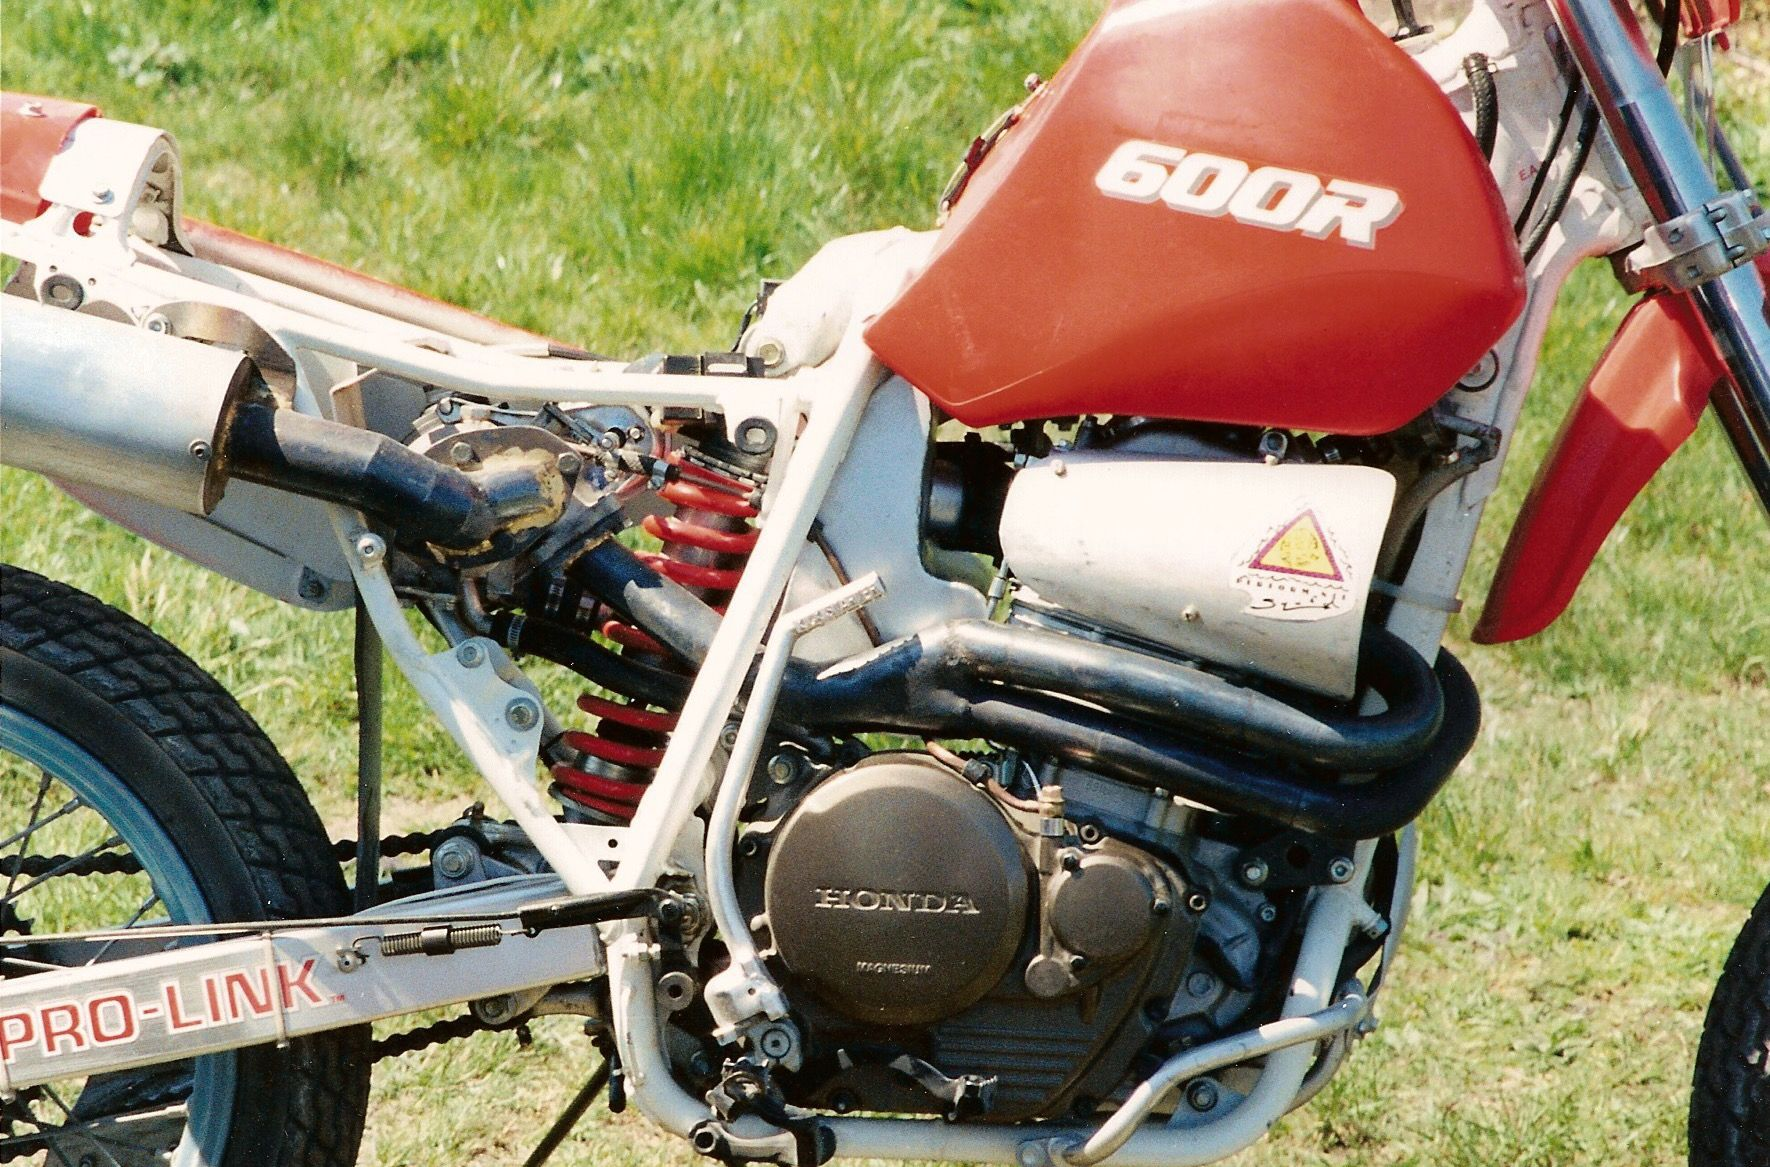 Xr 600 Turbo